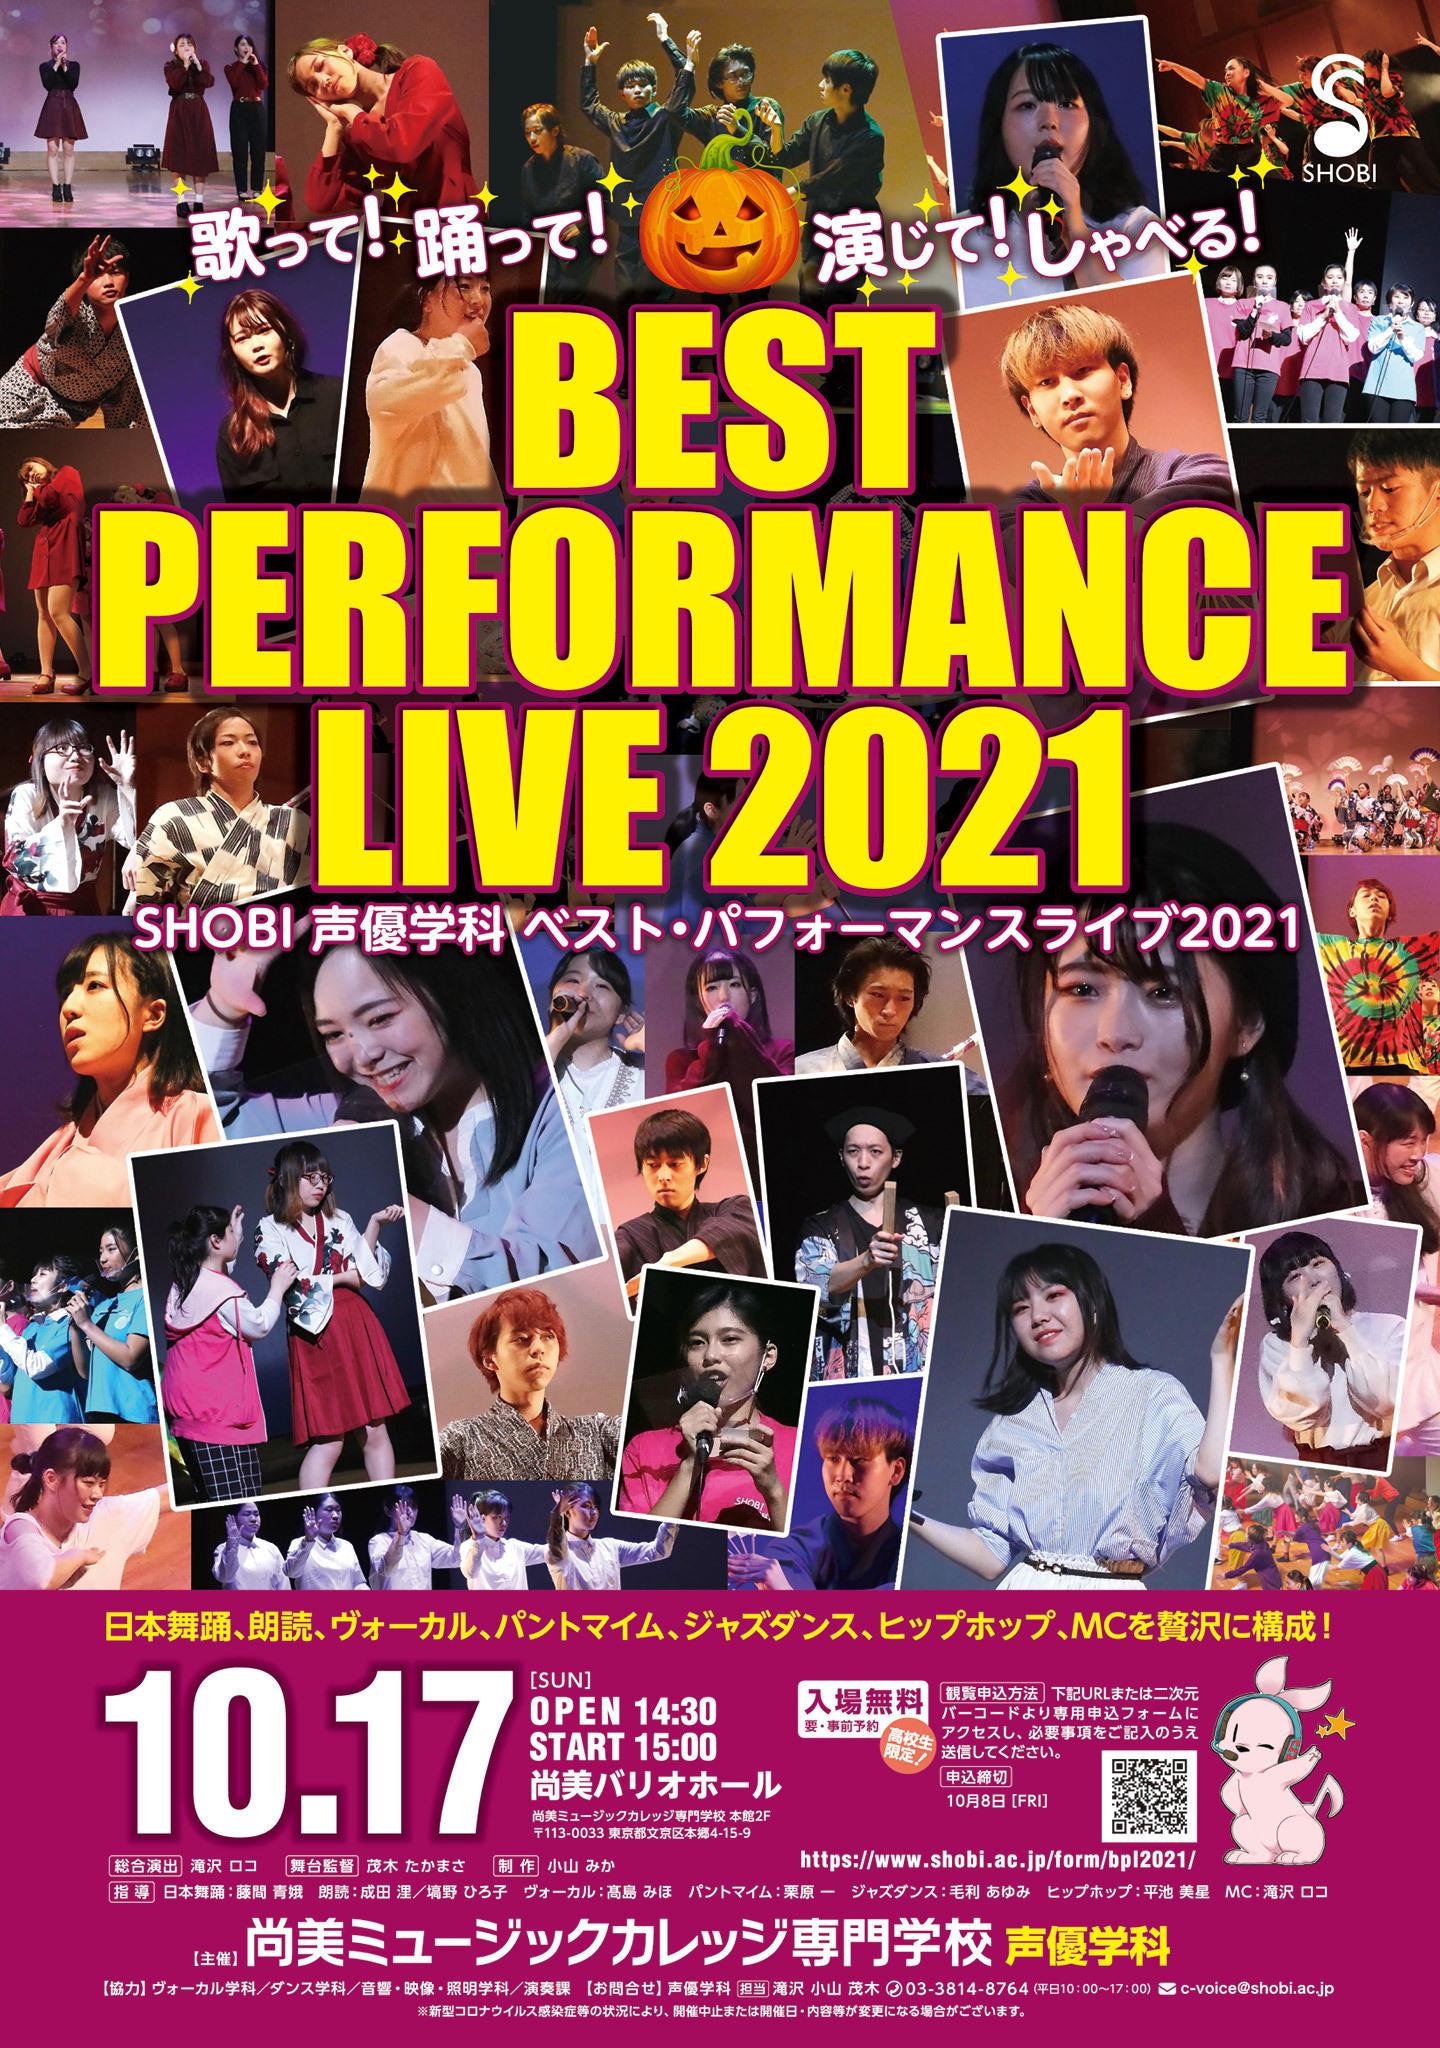 【10月17日開催】歌って!踊って!演じて!しゃべる!声優学科「ベスト・パフォーマンスライブ2021」